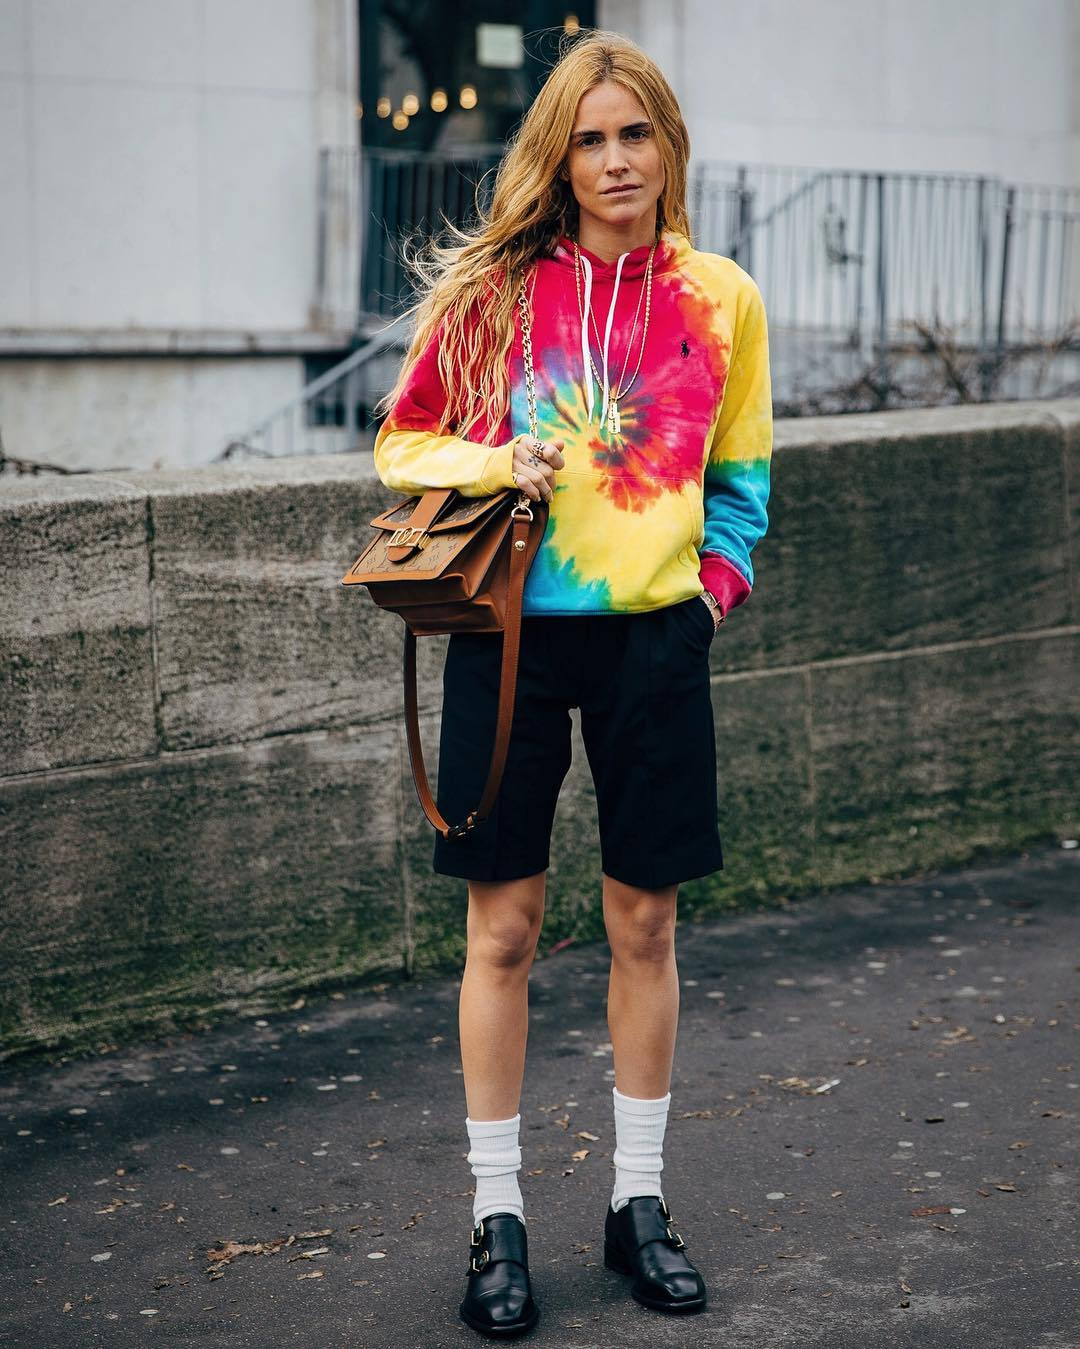 Model Celana Pendek yang Bisa Diandalkan Saat Musim Panas